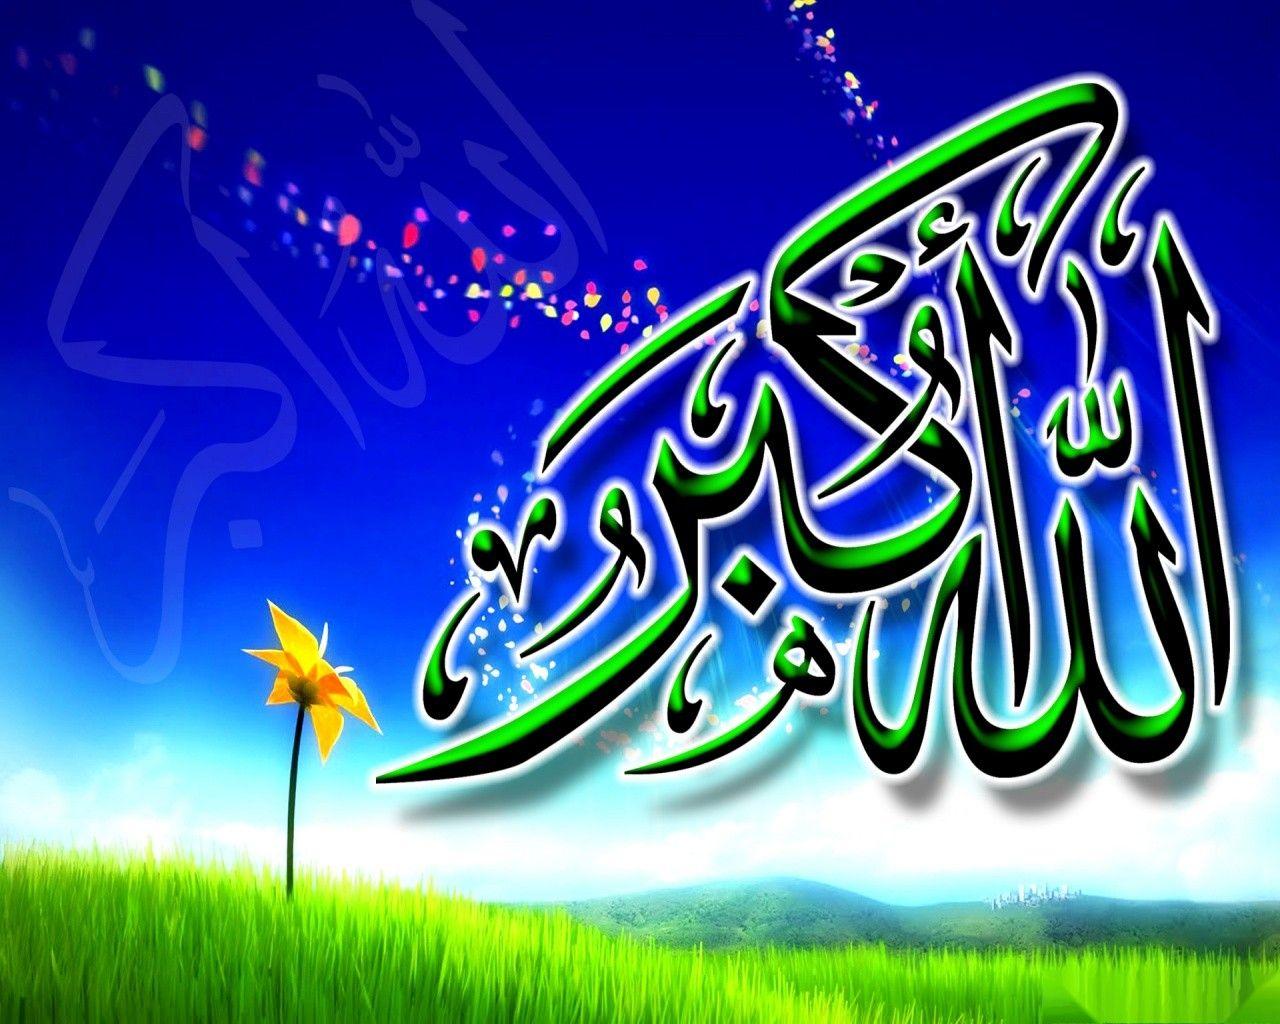 Free Download High Quality Wallpapers New Hd Natural Allah O Akbar Wallpaper For Desktop Mobile Tab Name Wallpaper Allah Wallpaper Beautiful Names Of Allah